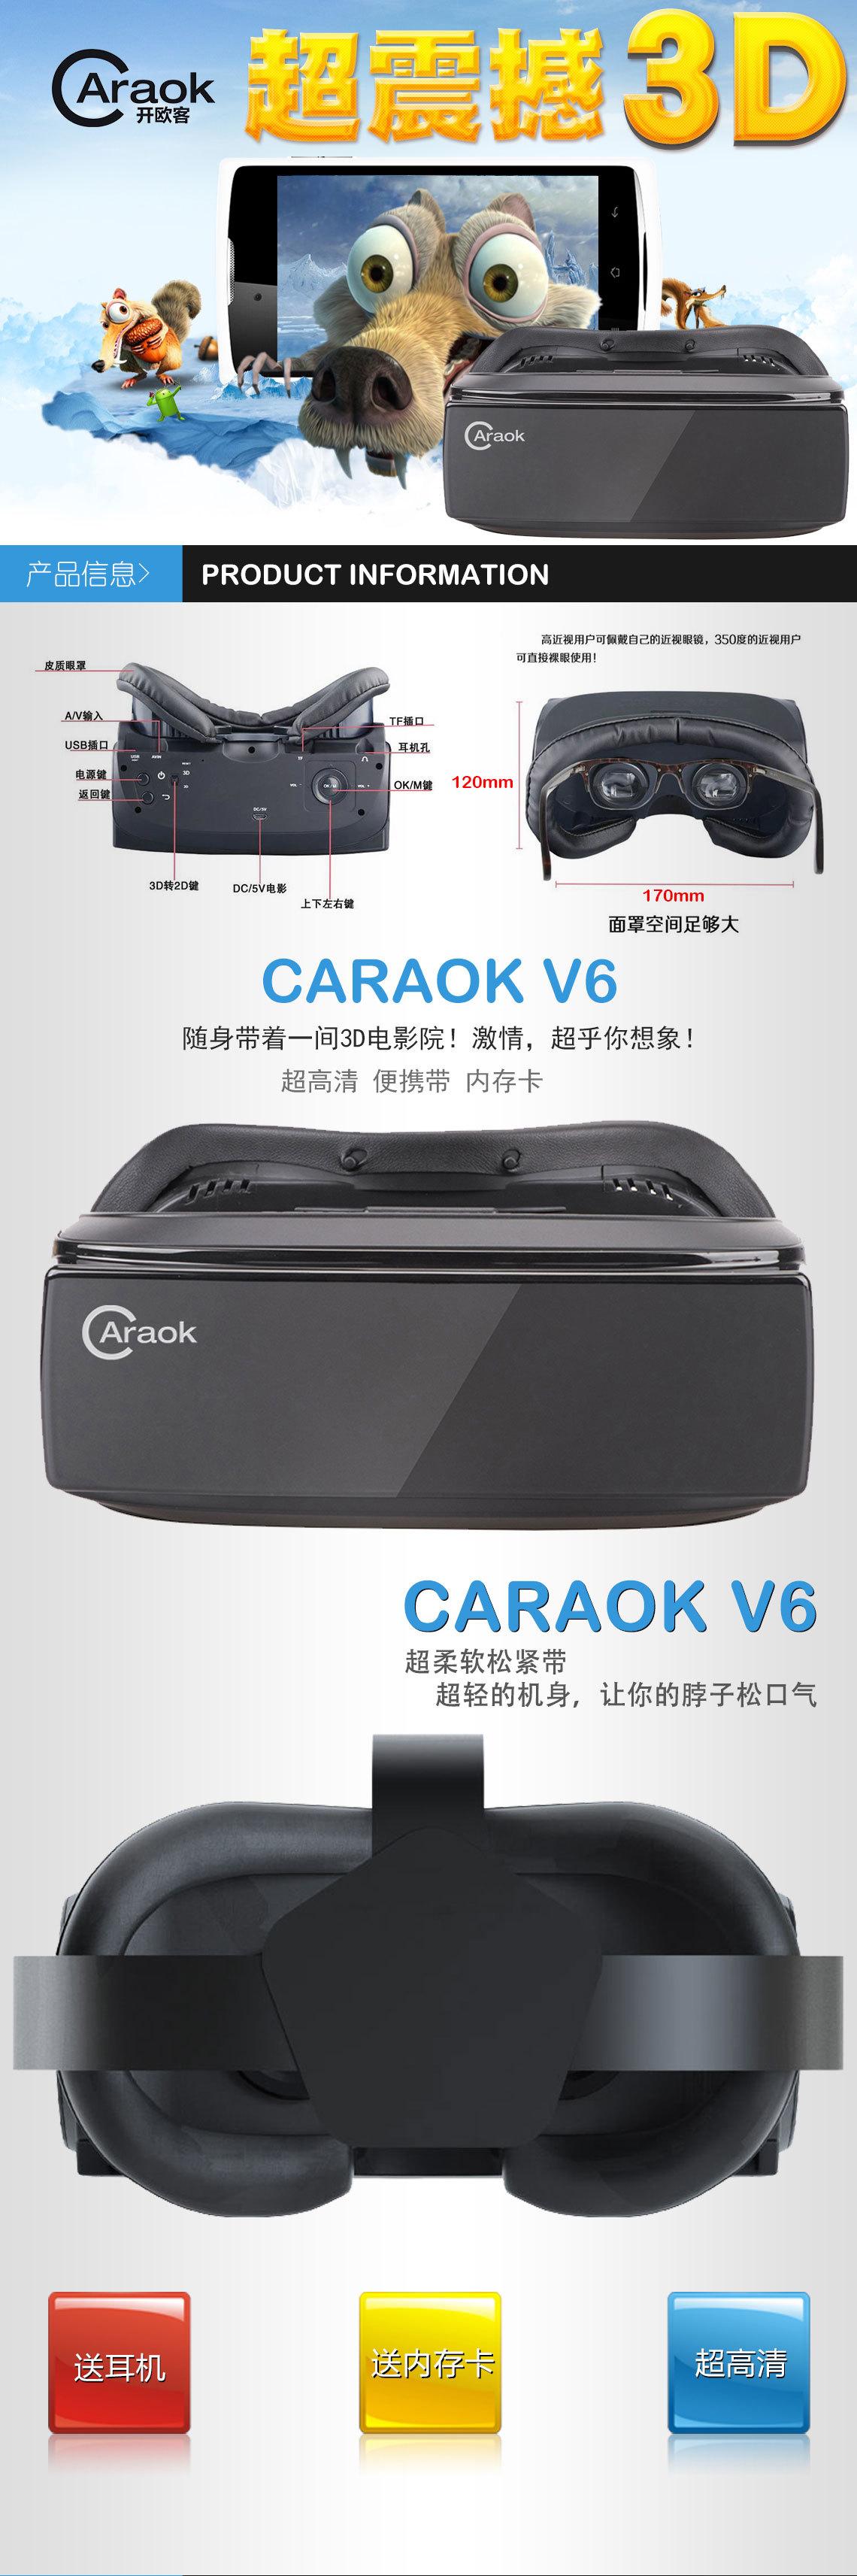 ถูก Cdragon CARAOK-V6 VRเครื่องแบบบูรณาการความจริงเสมือนตาเลนส์สวมใส่3หมวกกันน็อคVRแว่นตา